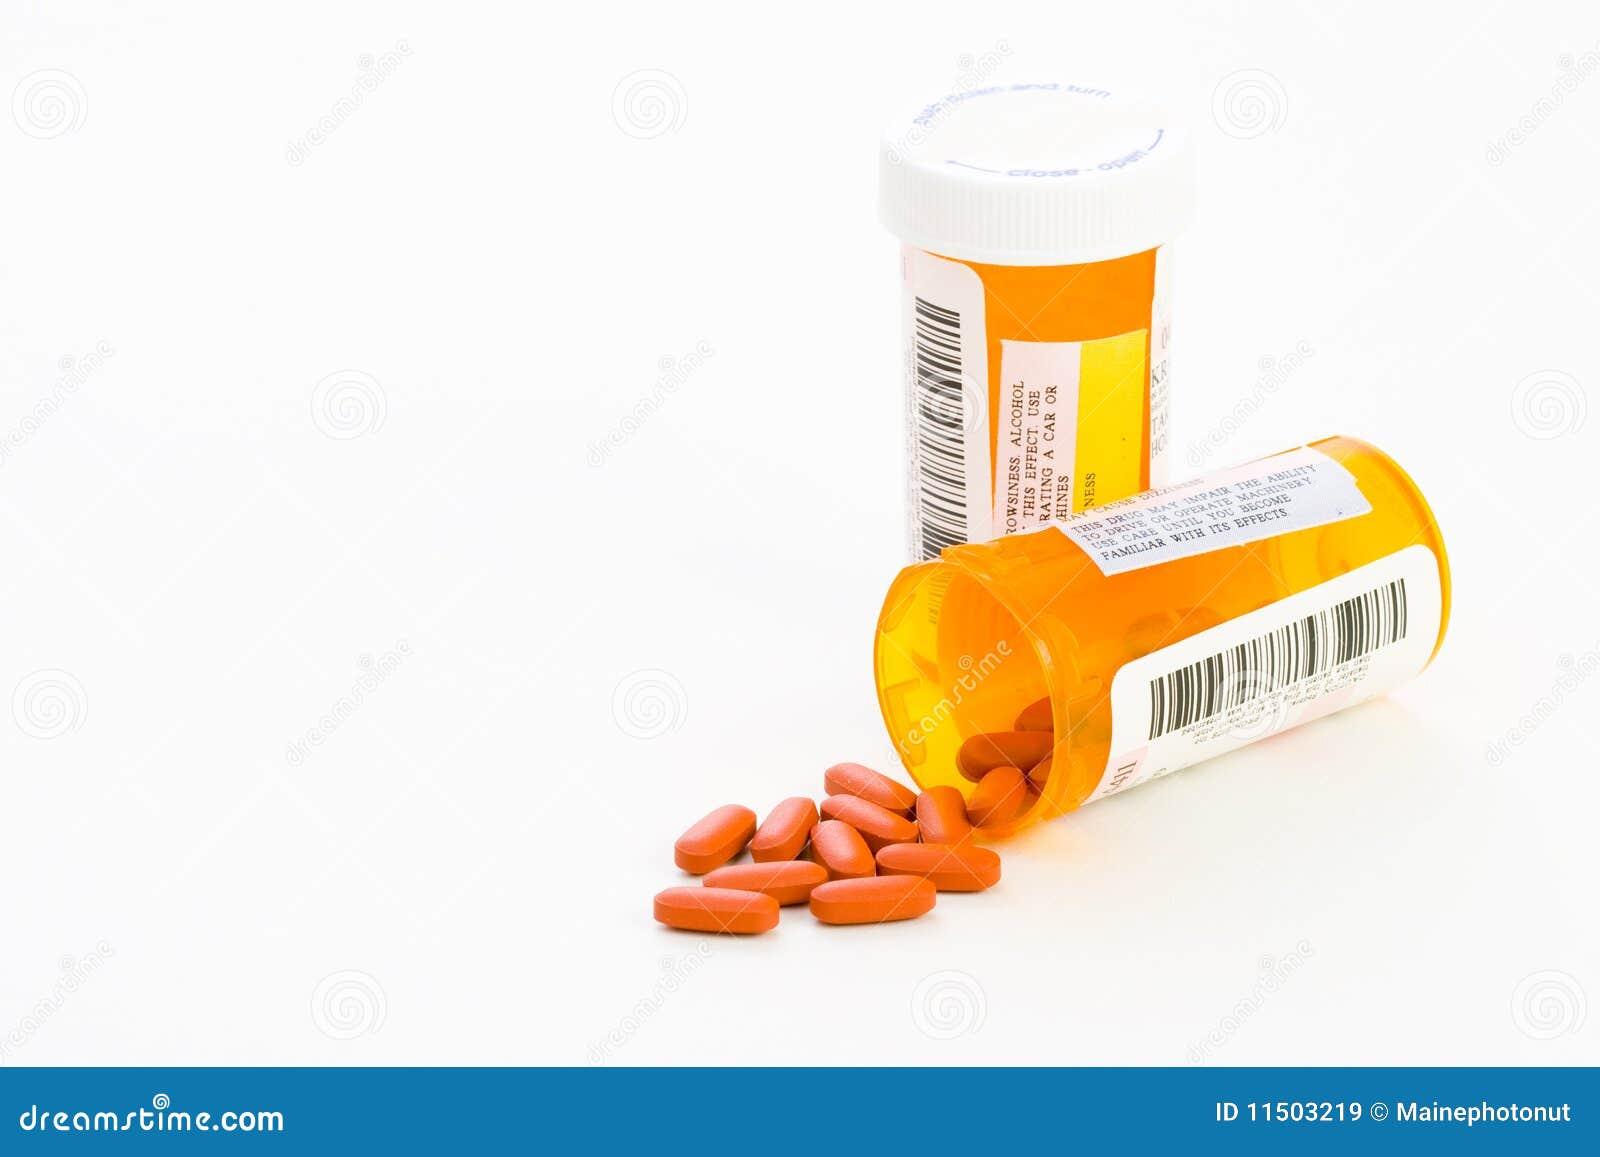 Medicamentos de venta com receita